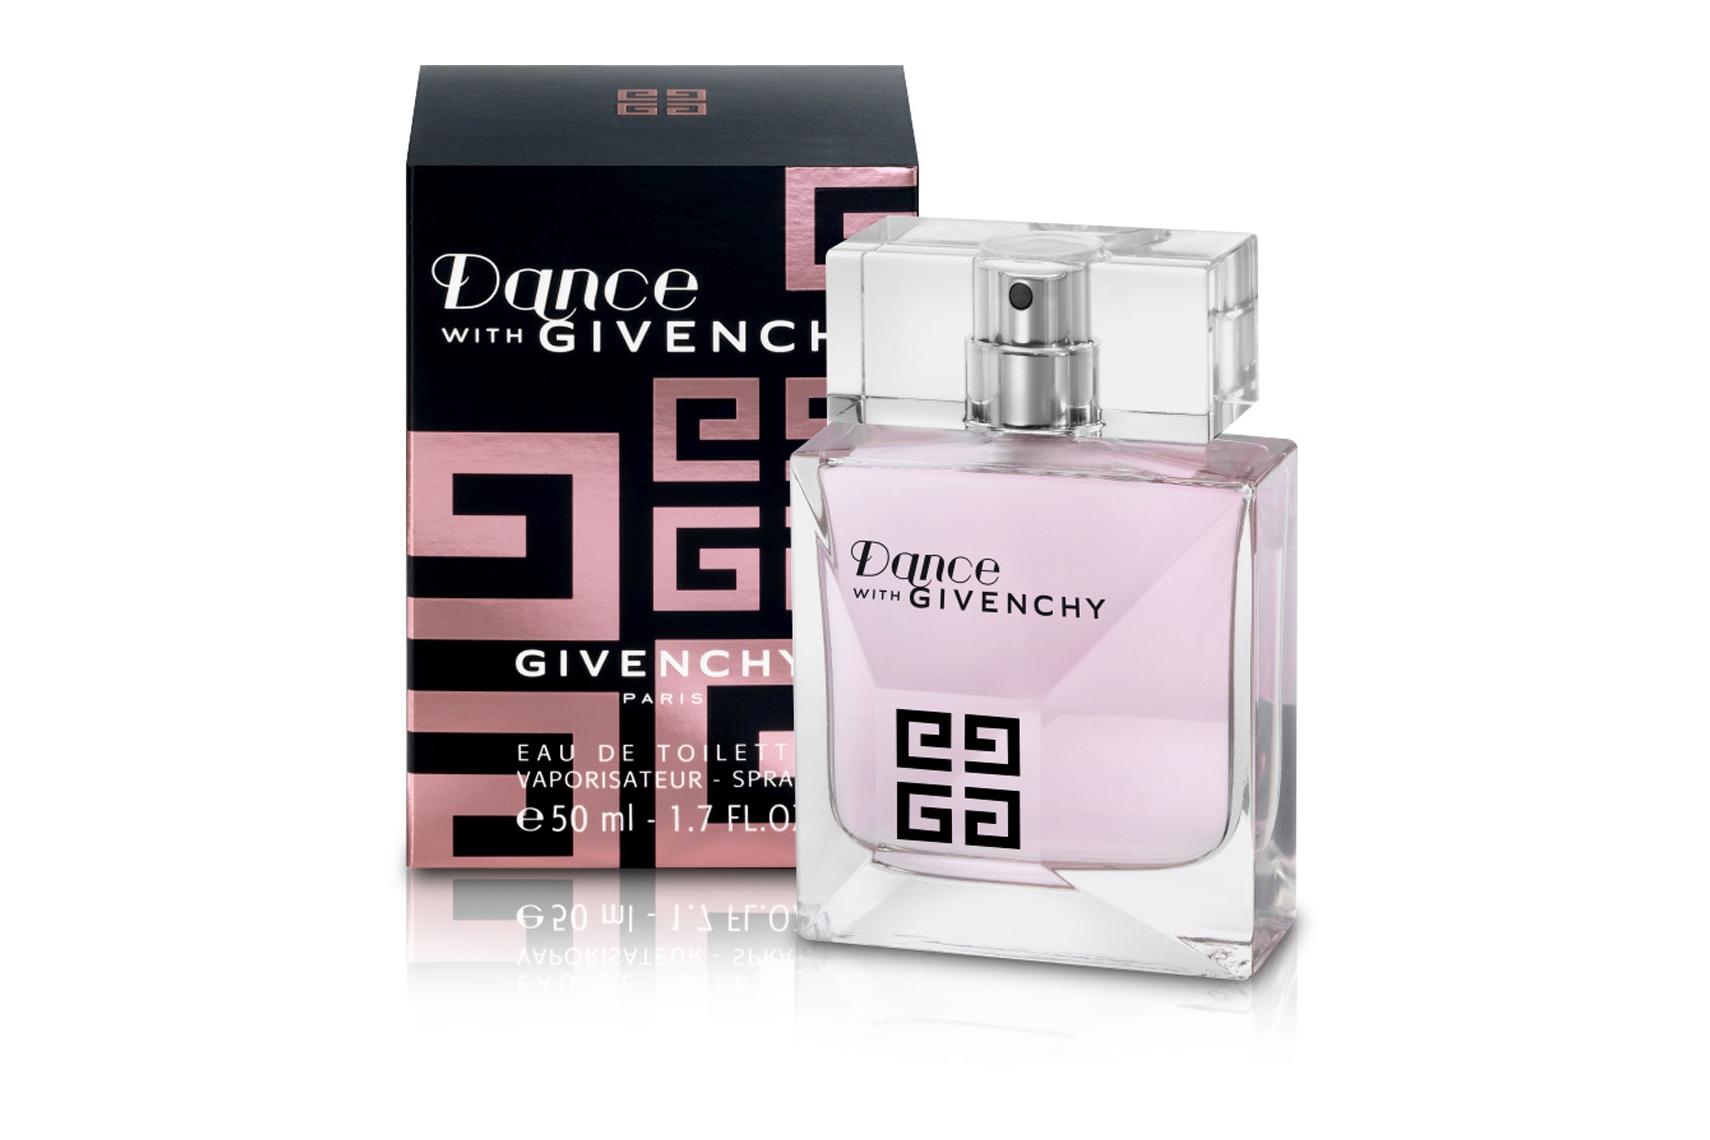 Dance with Givenchy Givenchy - это аромат для женщин, принадлежит к группе ароматов цветочные. Dance with Givenchy выпущен в 2010. Верхние ноты: апельсиновый цвет, мандарин и Красное яблоко; ноты сердца: Жасмин и иланг-иланг; ноты базы: Мускус, ваниль и древесные ноты.